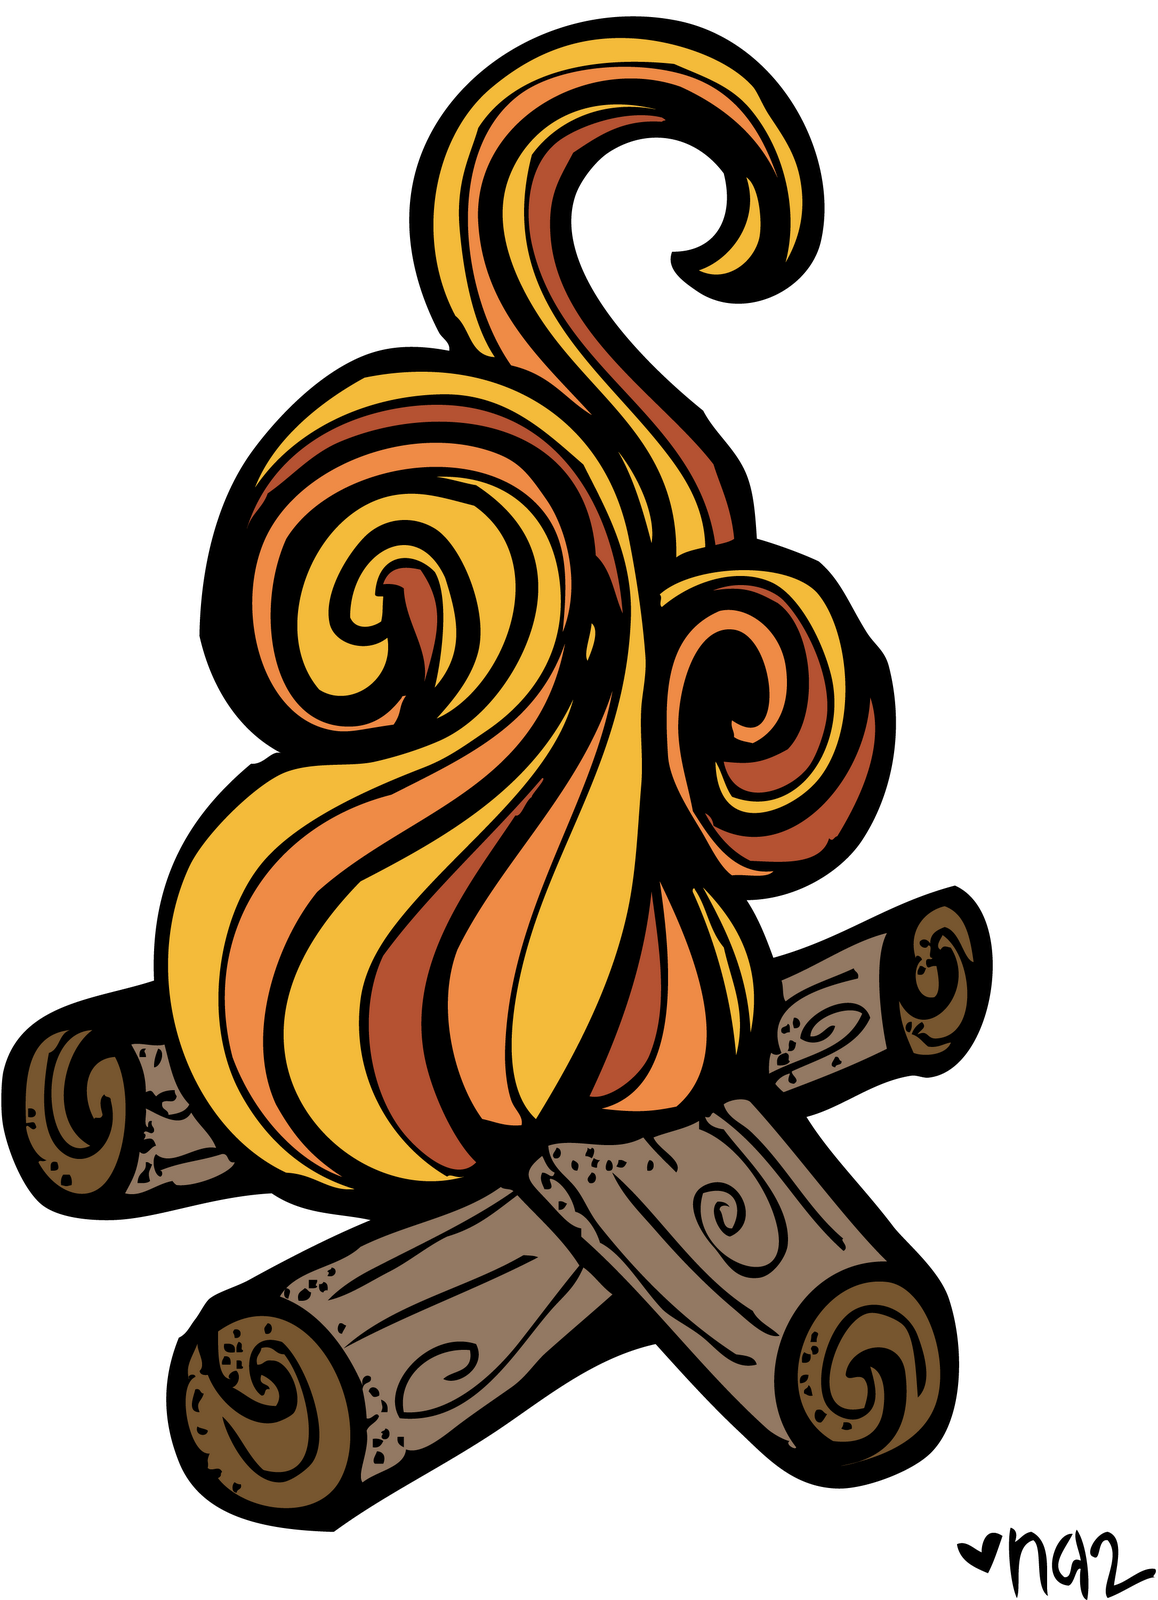 Pix For Smores Campfire Clipart - Campfire Smores PNG